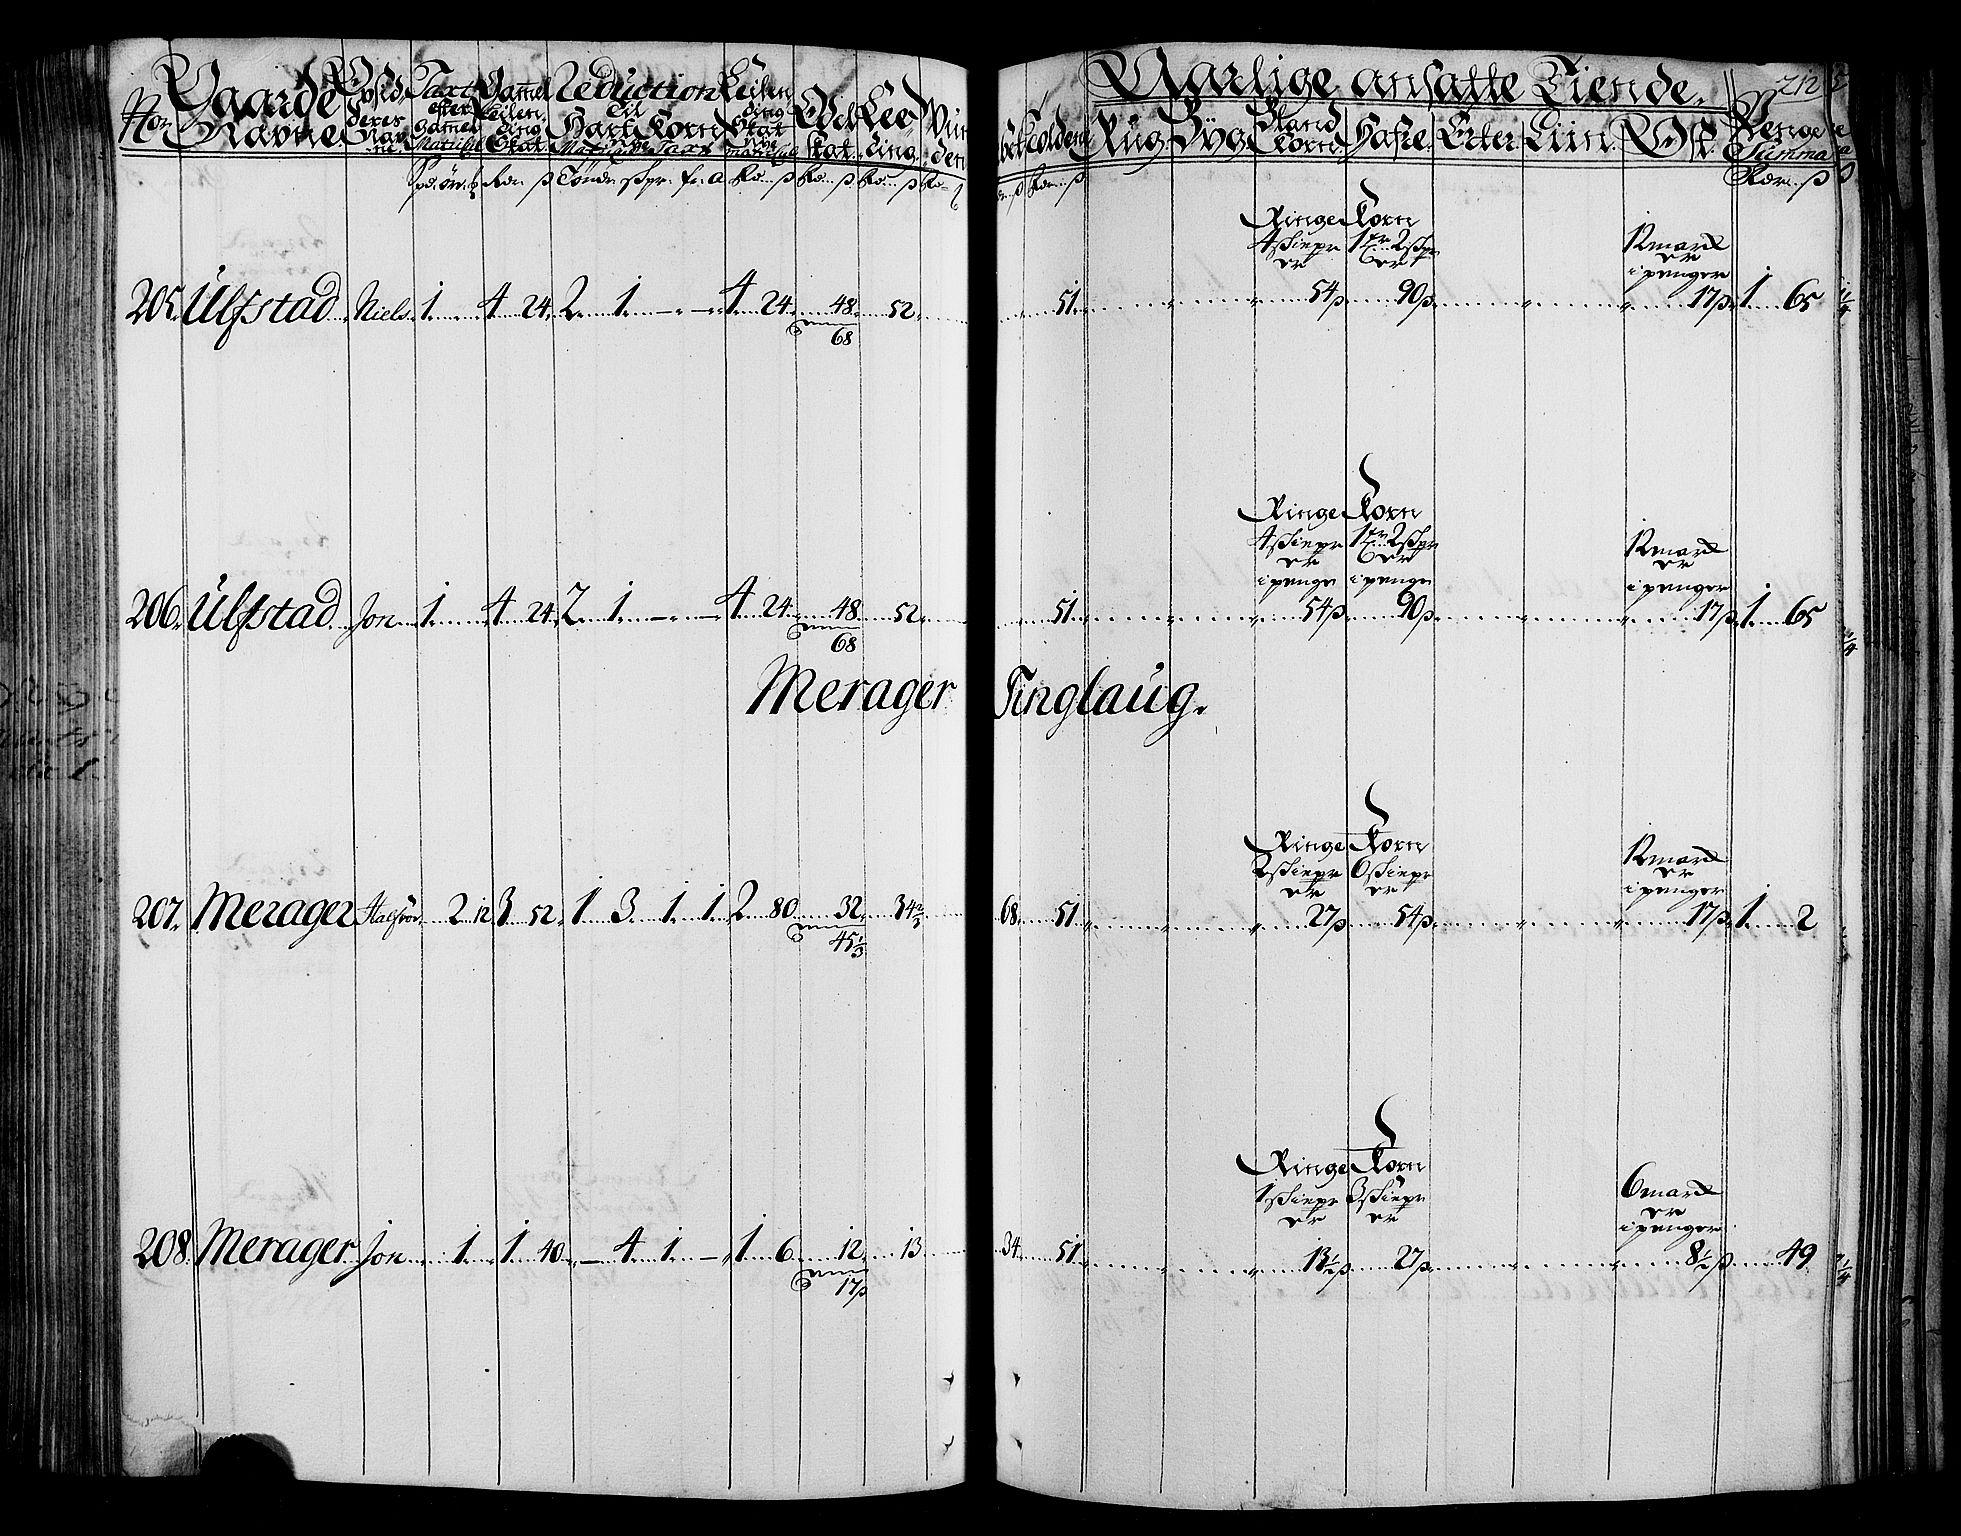 RA, Rentekammeret inntil 1814, Realistisk ordnet avdeling, N/Nb/Nbf/L0165: Stjørdal og Verdal matrikkelprotokoll, 1723, s. 211b-212a